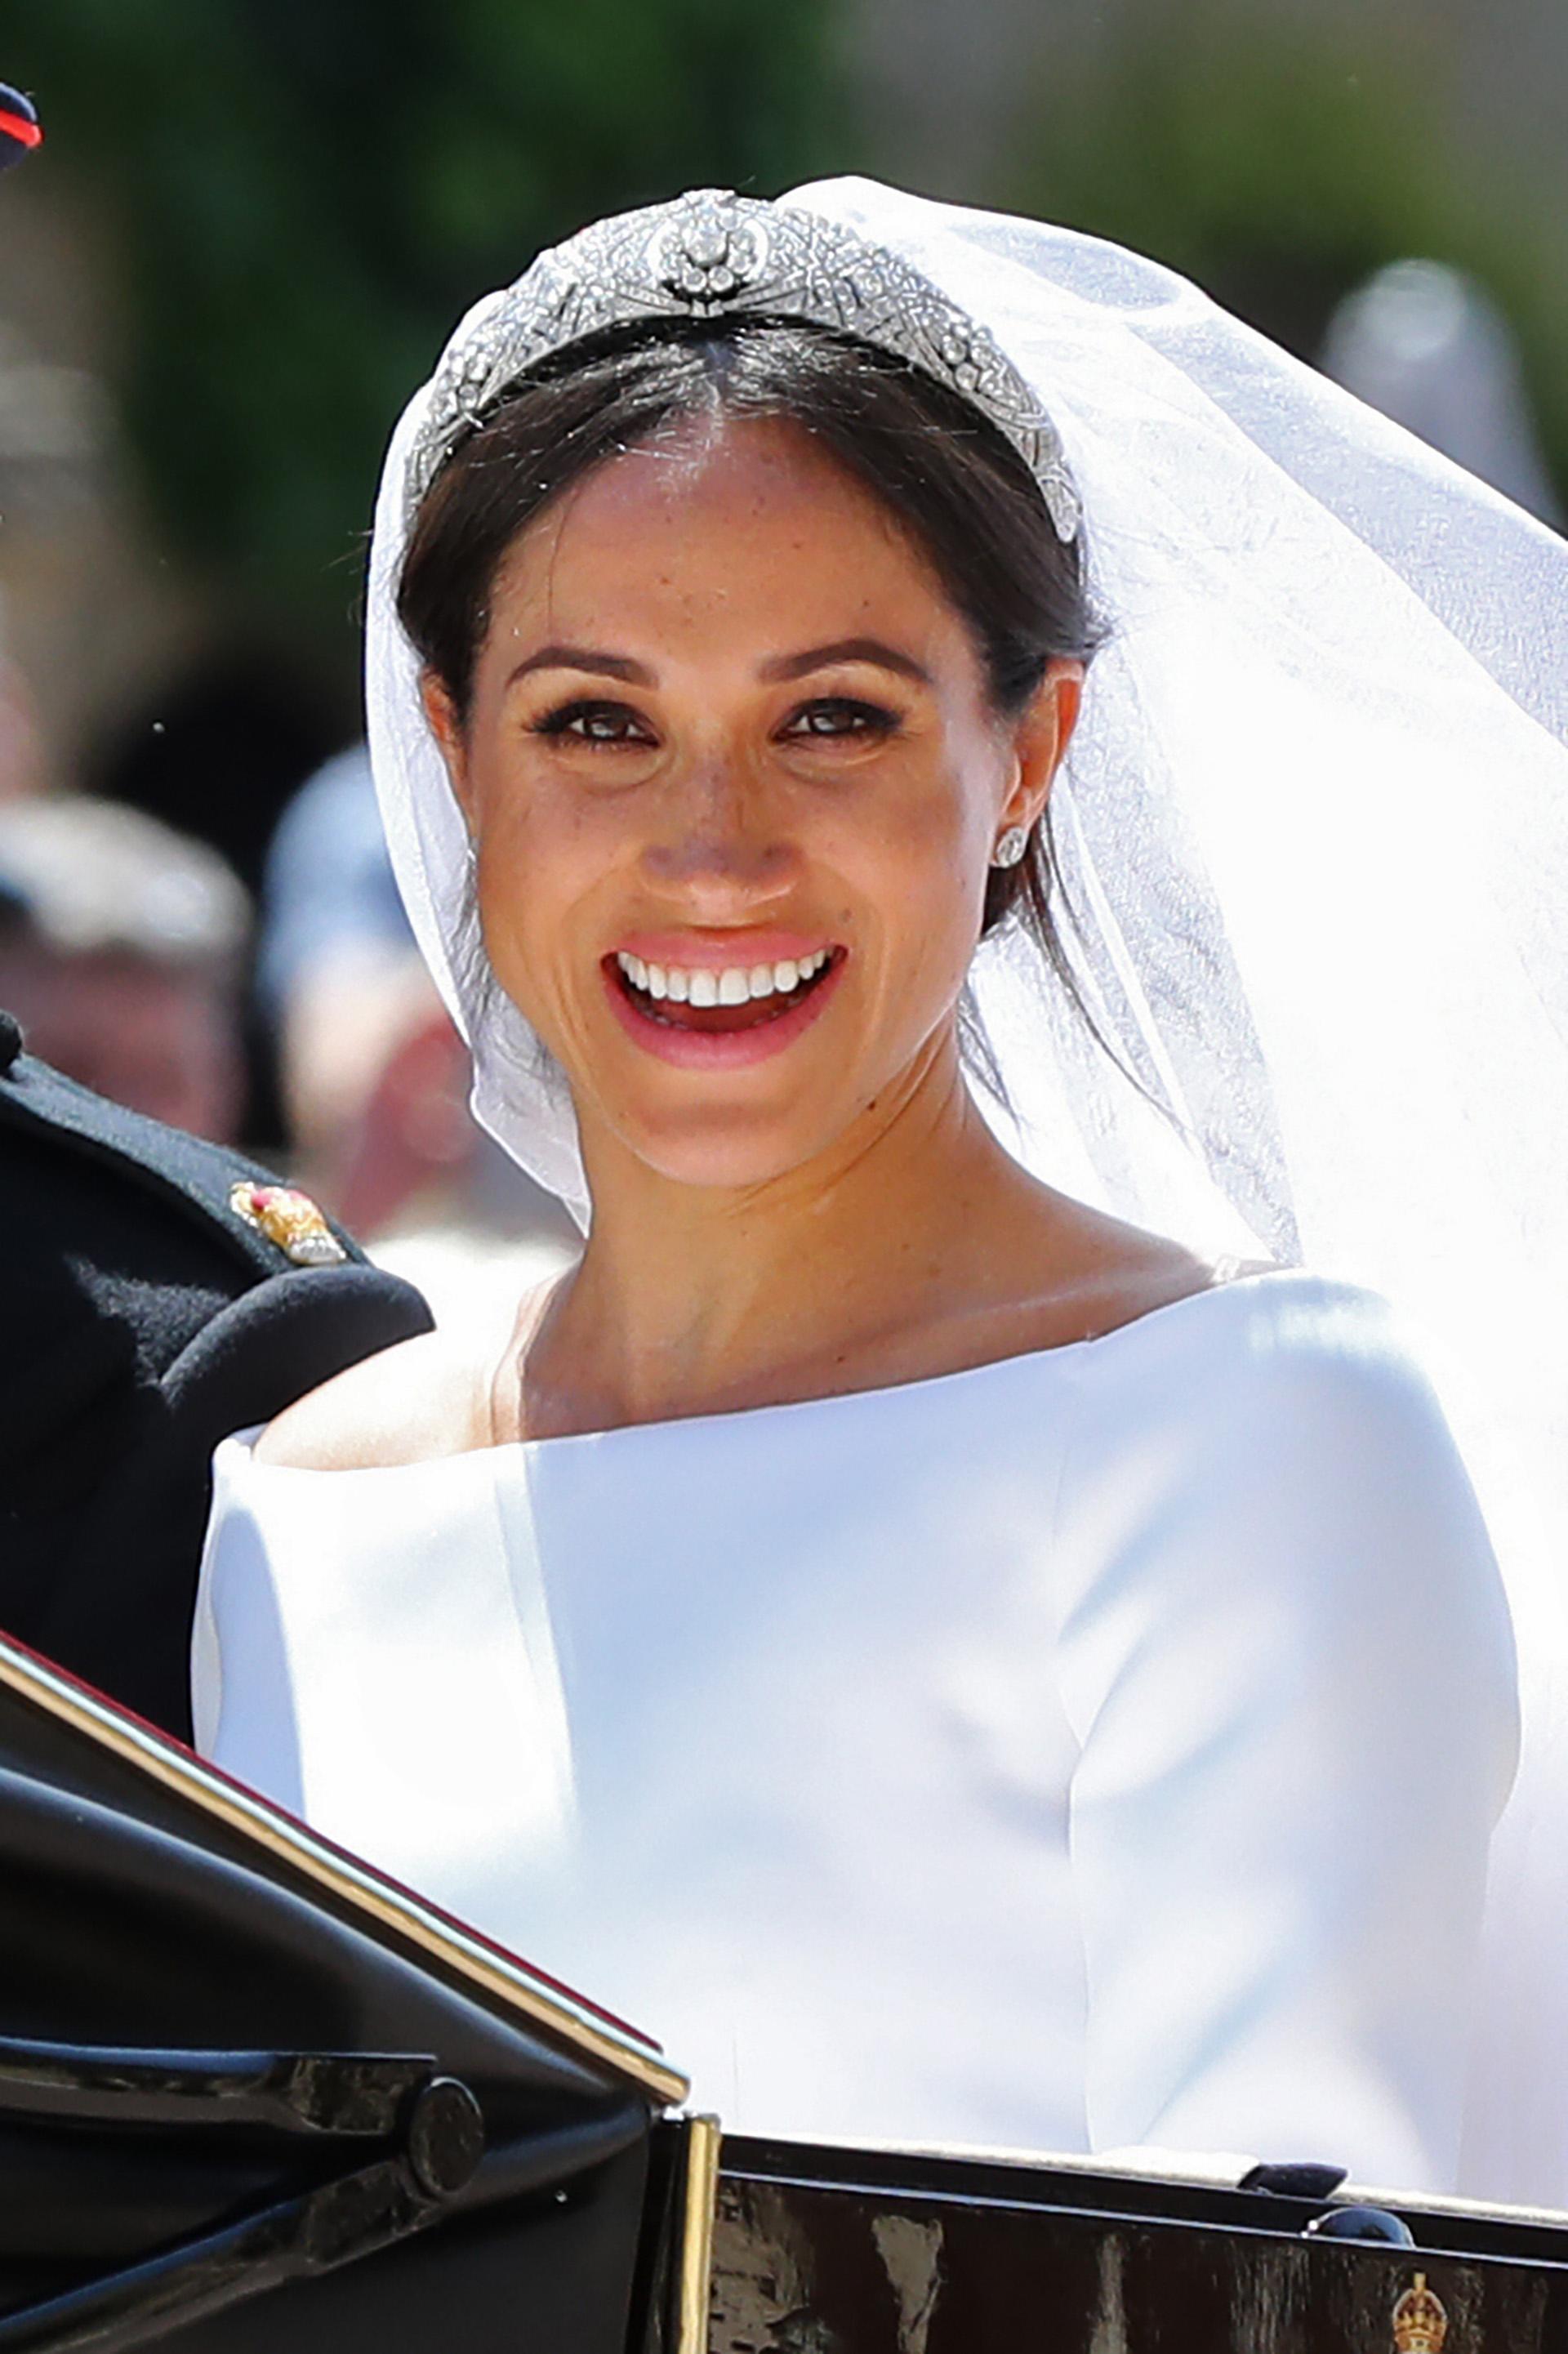 Meghan lució la tiara que perteneció a la Reina María, labrada en diamantes y platino. La pieza se remonta a 1938 y es parte de las joyas de la familia real (AFP)